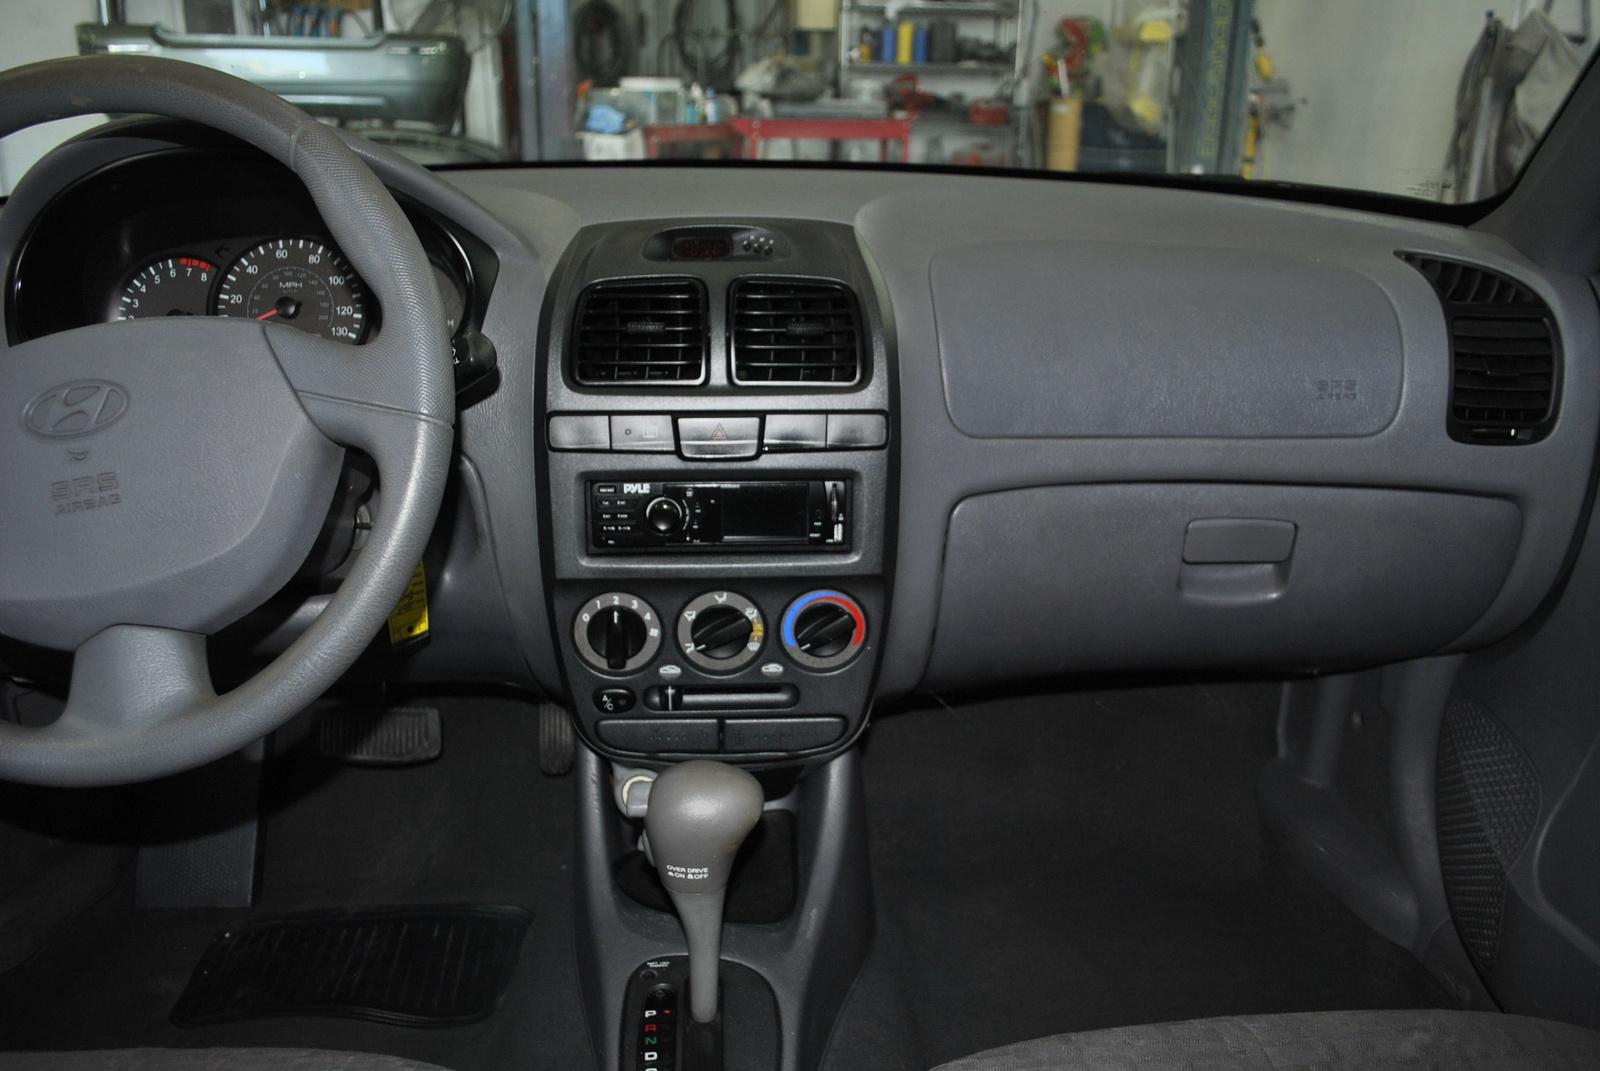 2005 Hyundai Accent Interior Pictures Cargurus